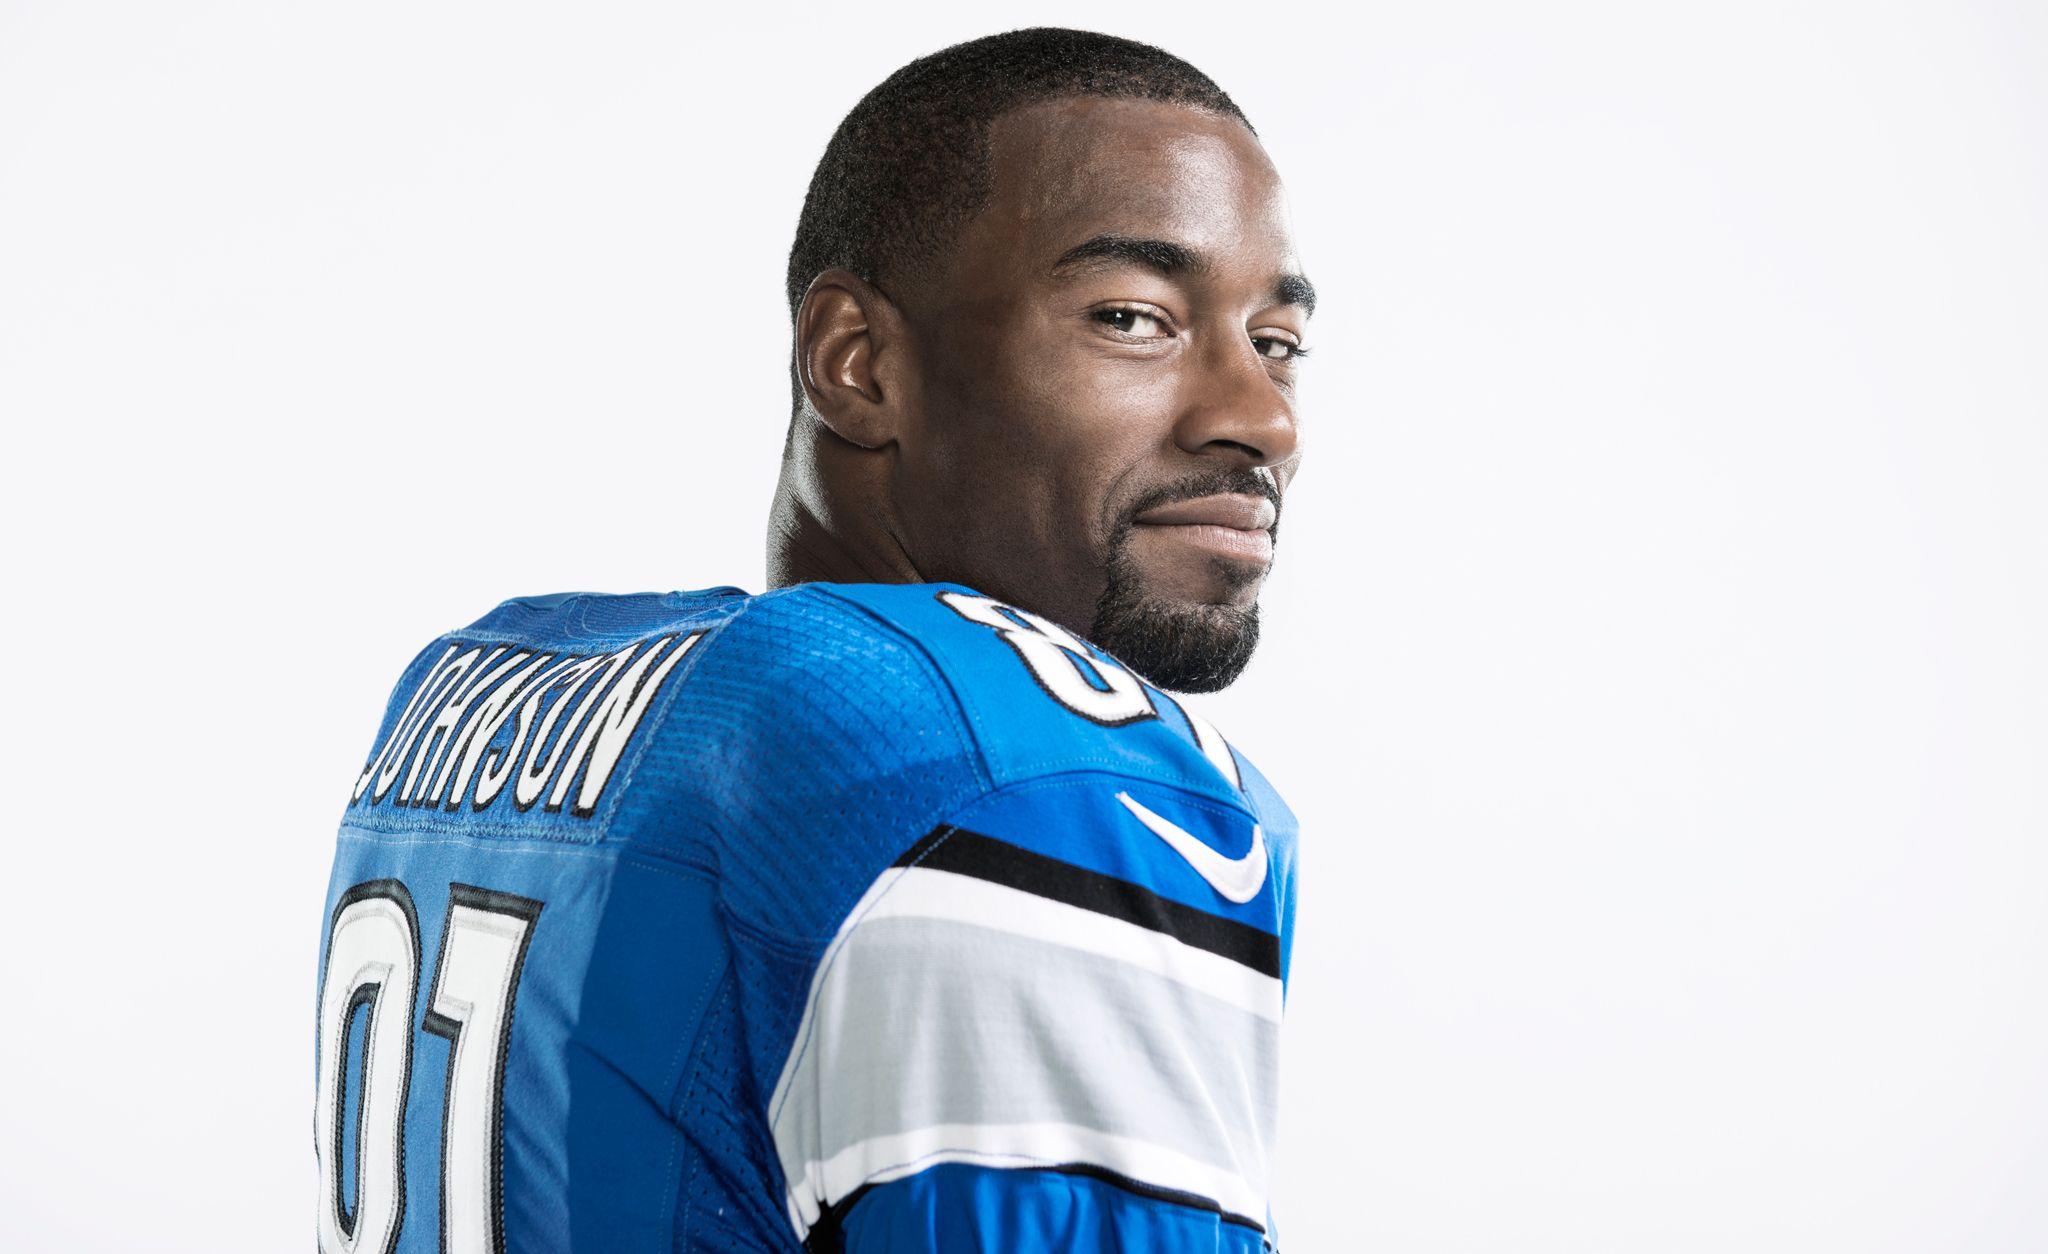 """Calvin Johnson a.k.a. """"Megatron"""" (American football wide"""